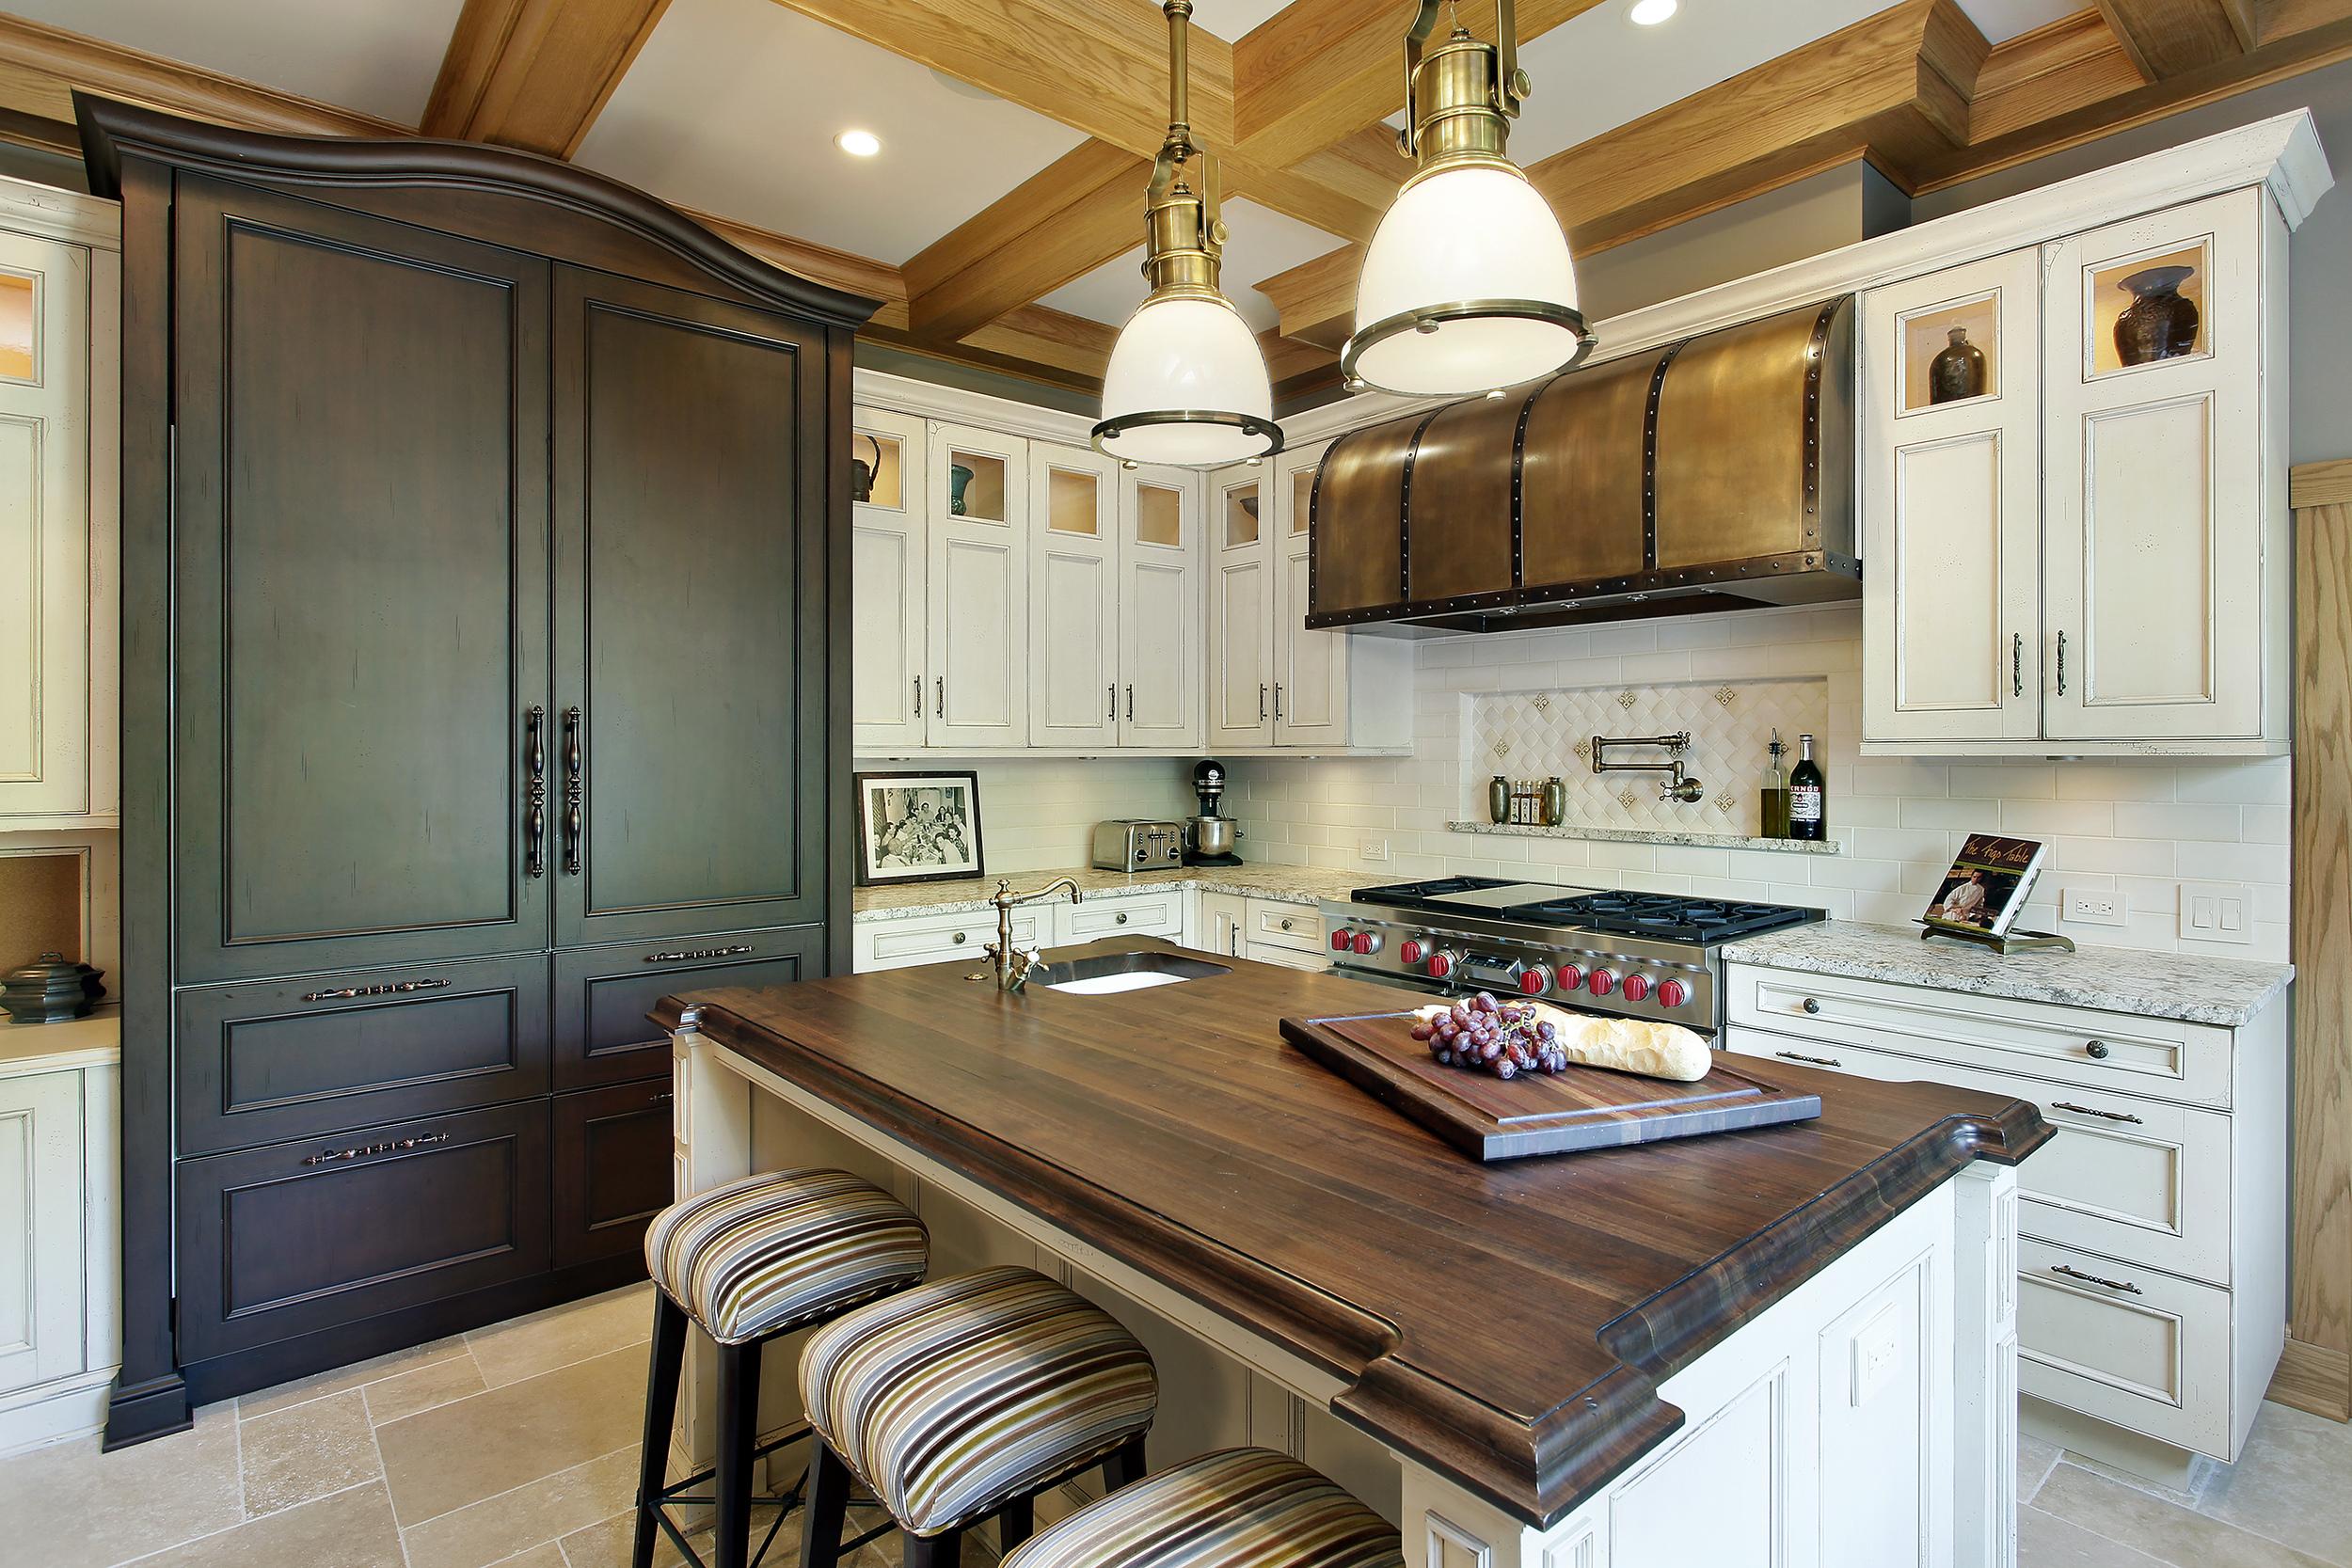 kitchen3_375chestnut.jpg